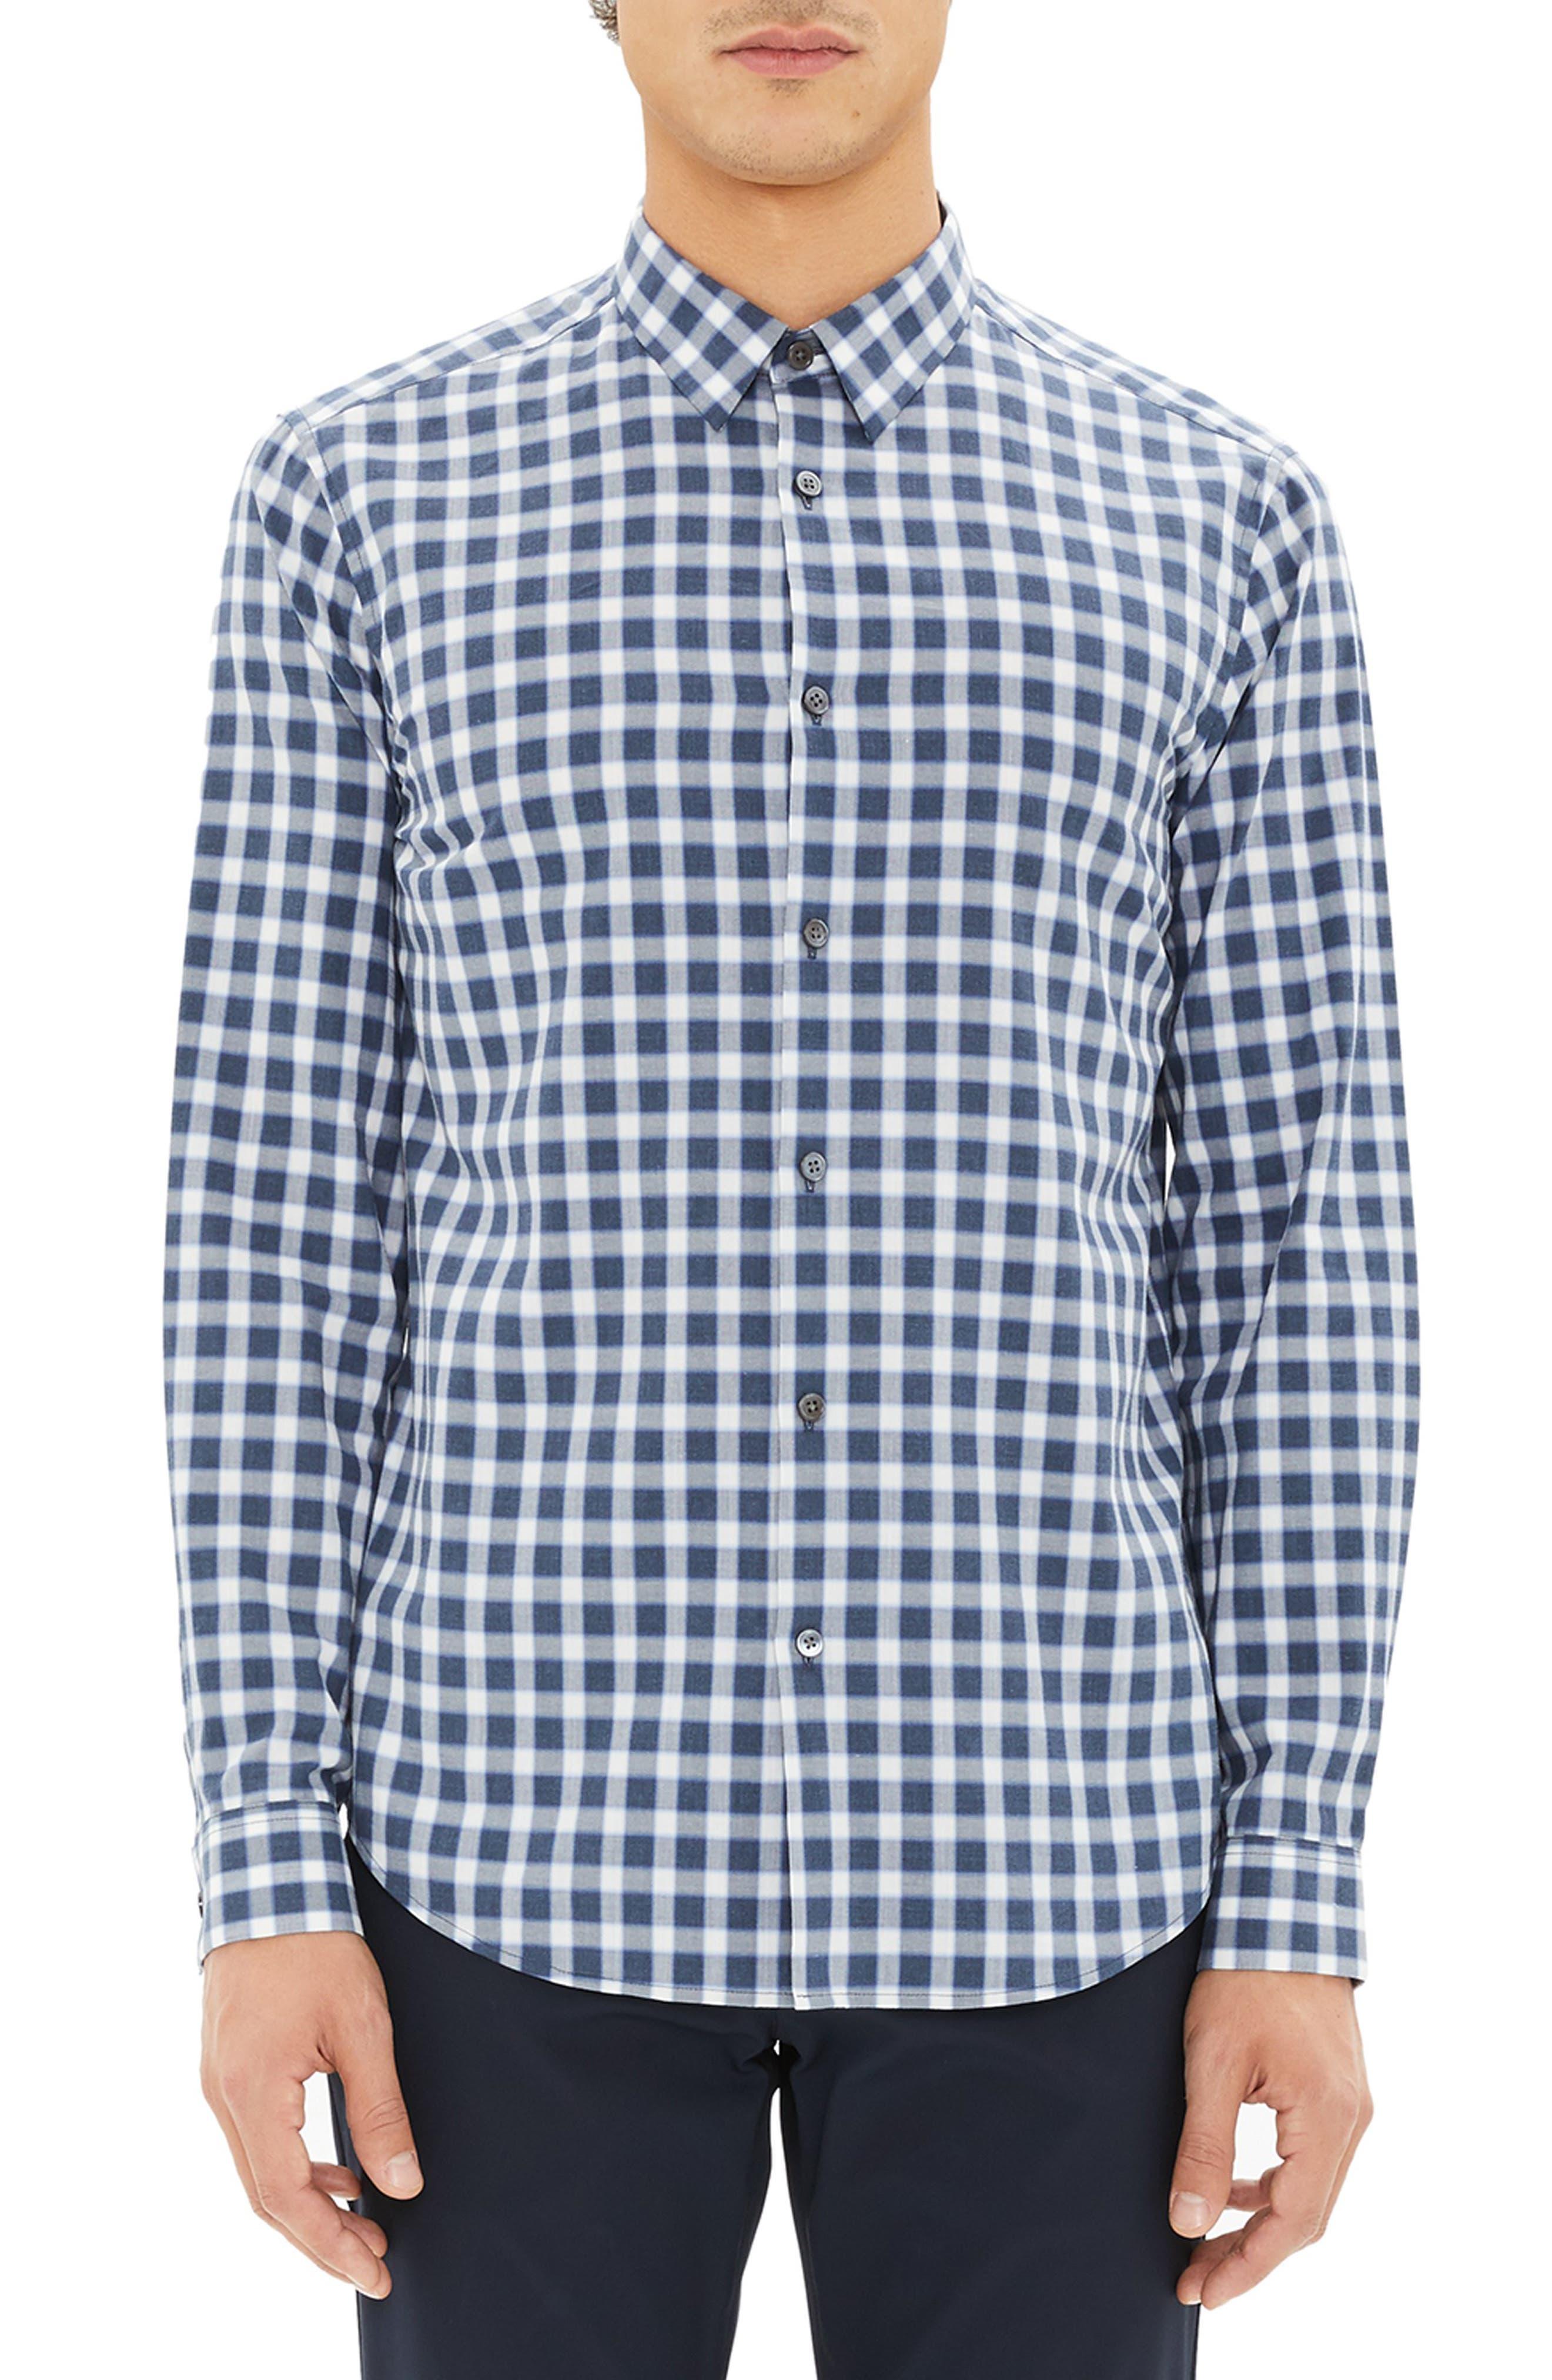 Irving Regular Fit Check Sport Shirt,                             Main thumbnail 1, color,                             ADMIRAL CHECK